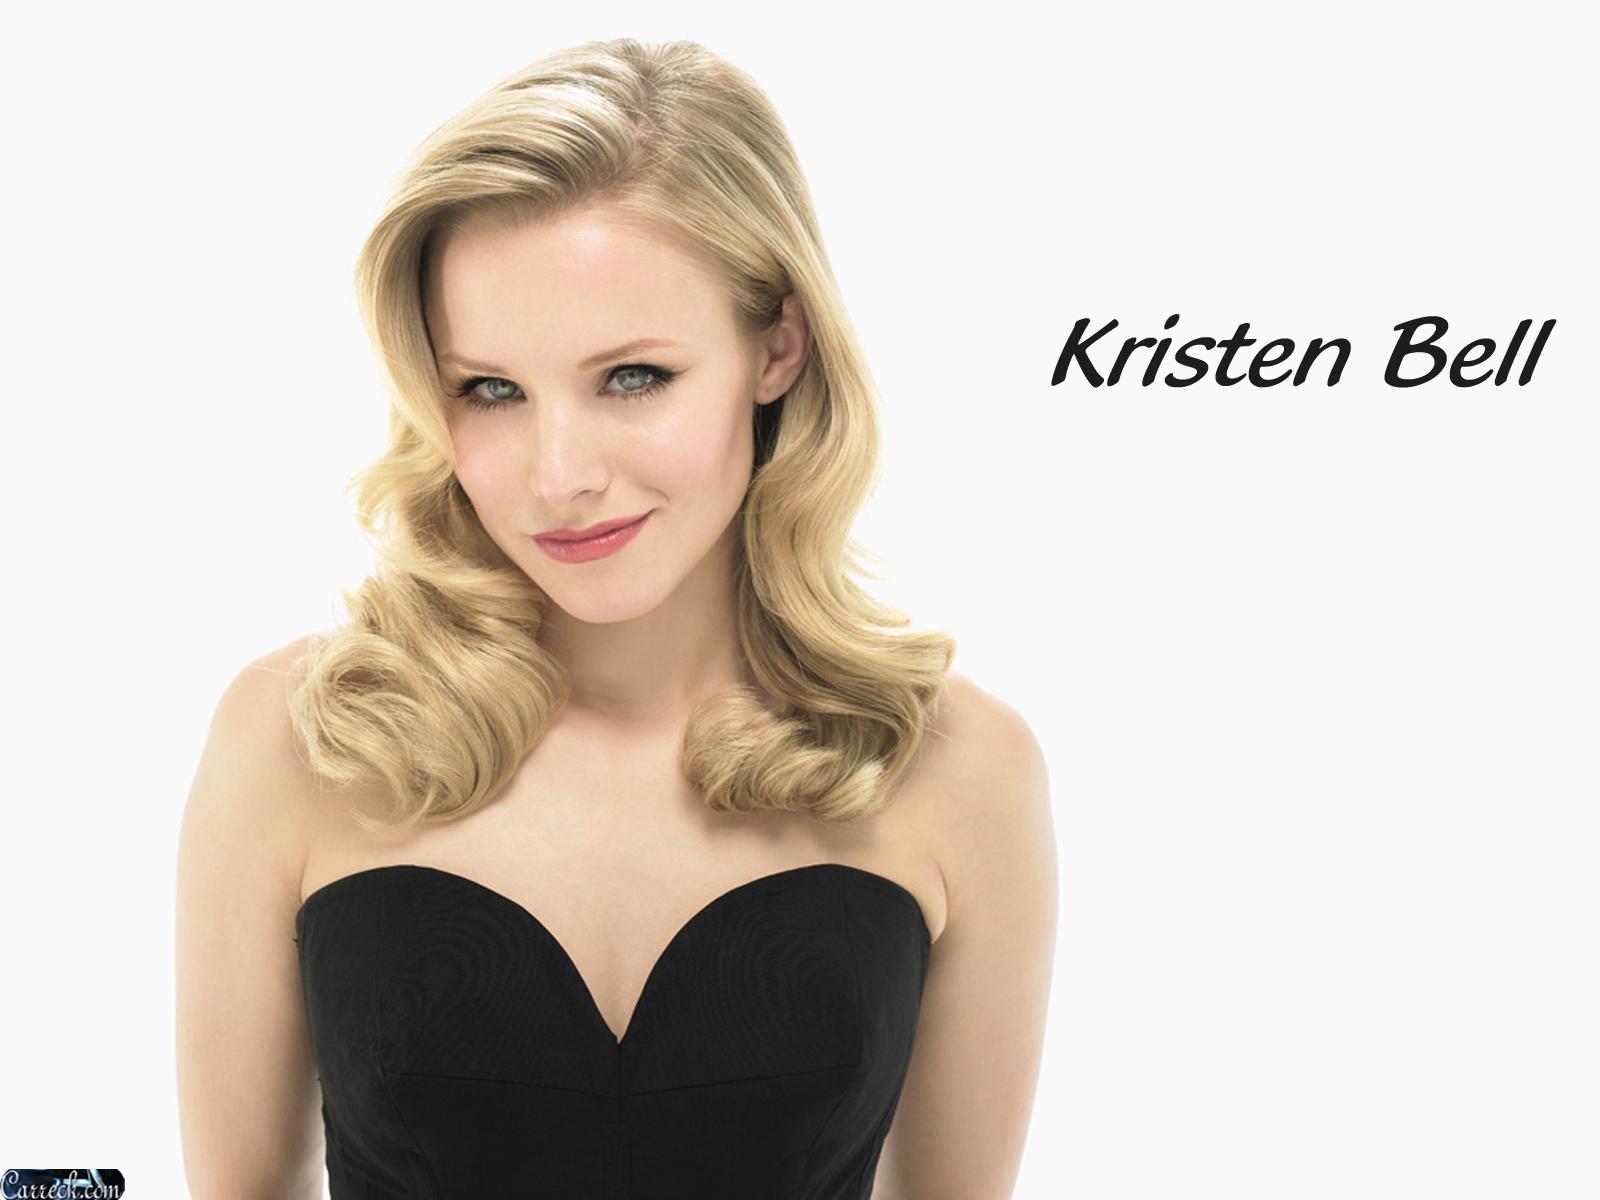 Kristen Bell 1080p